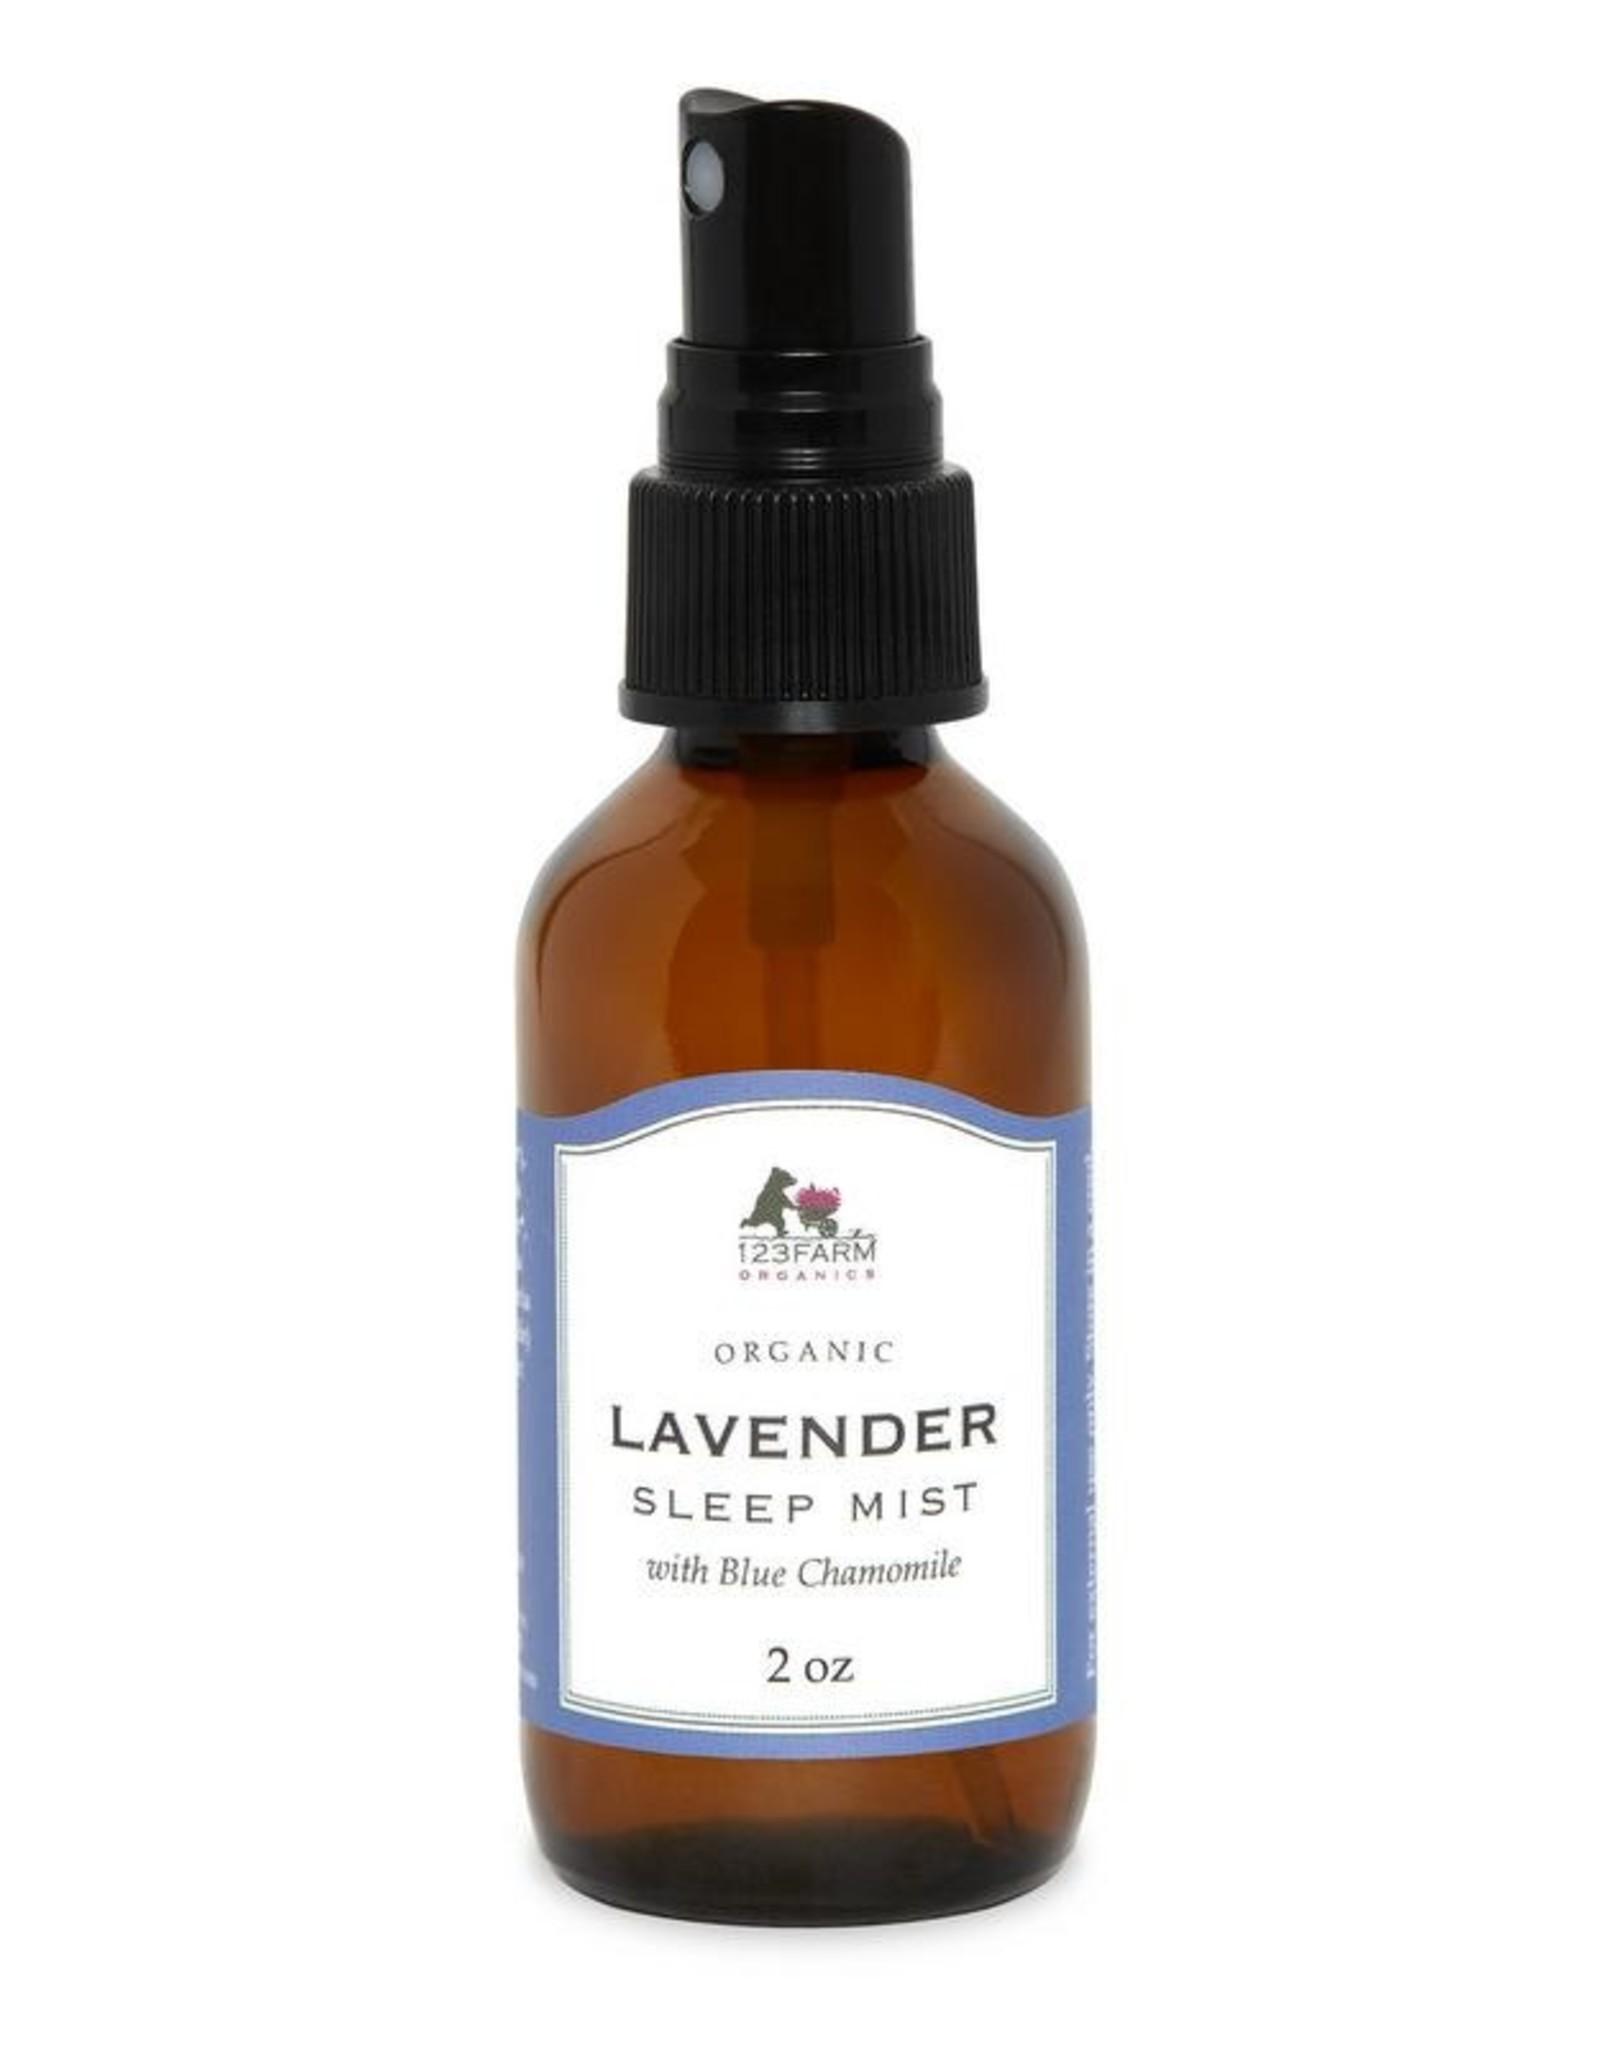 Lavender Sleep Mist